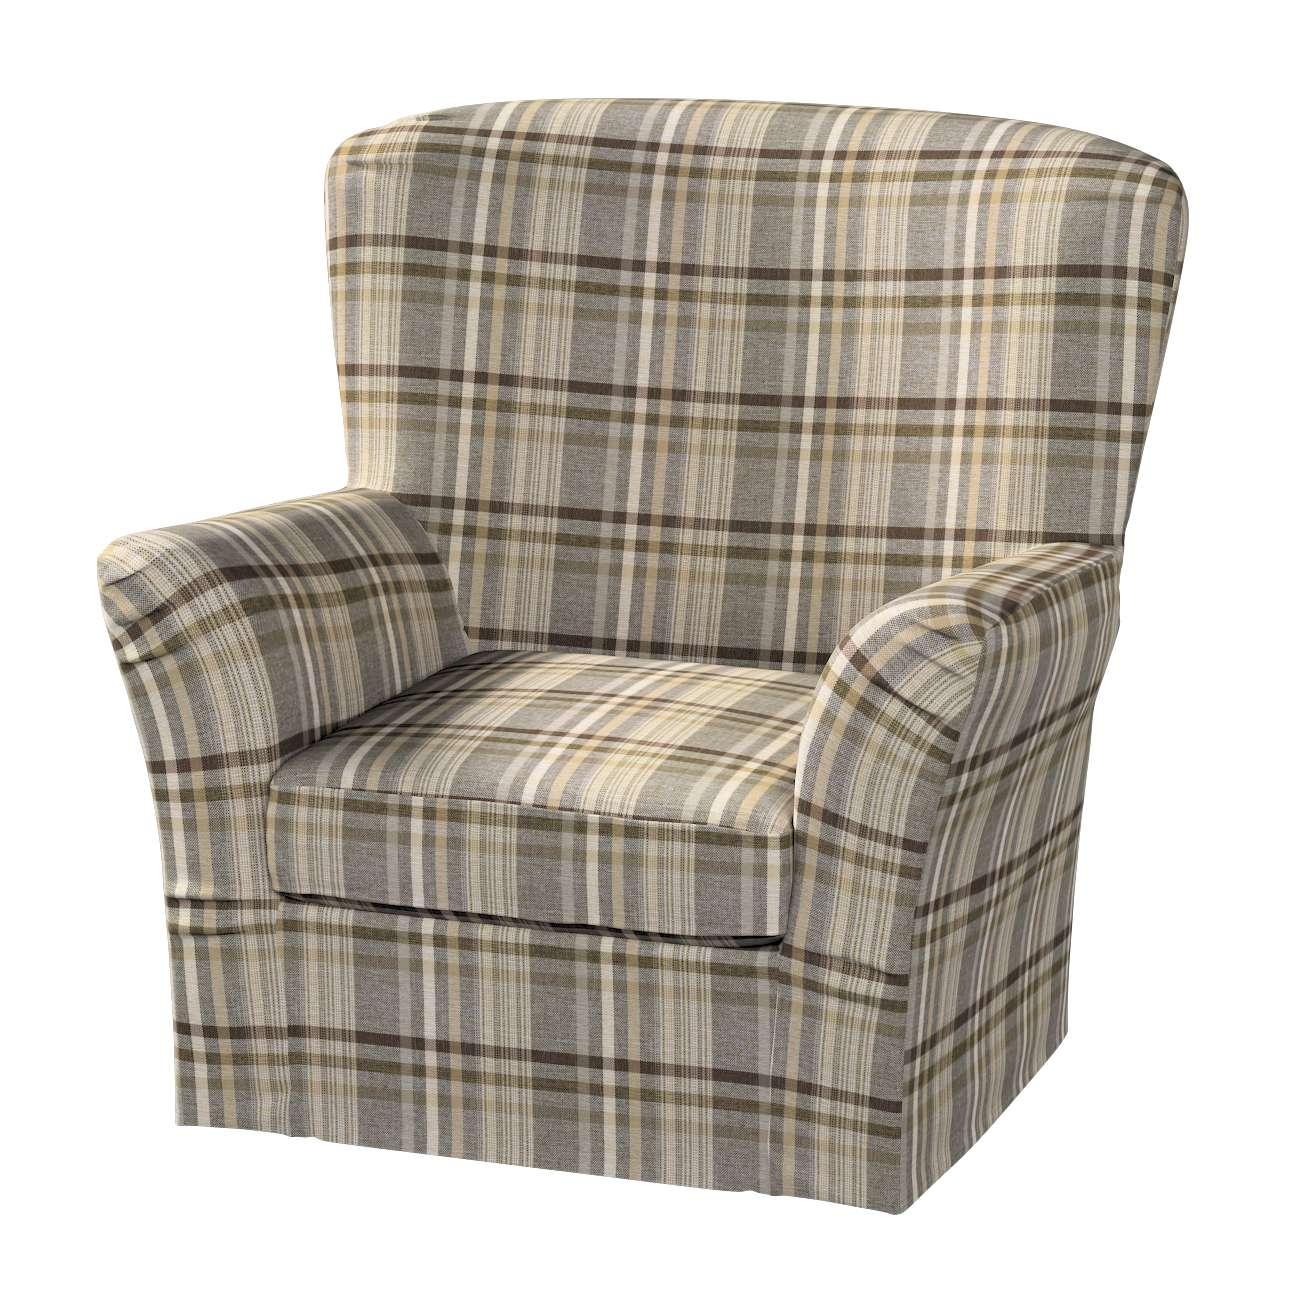 Pokrowiec na fotel Tomelilla z zakładkami w kolekcji Edinburgh, tkanina: 703-17